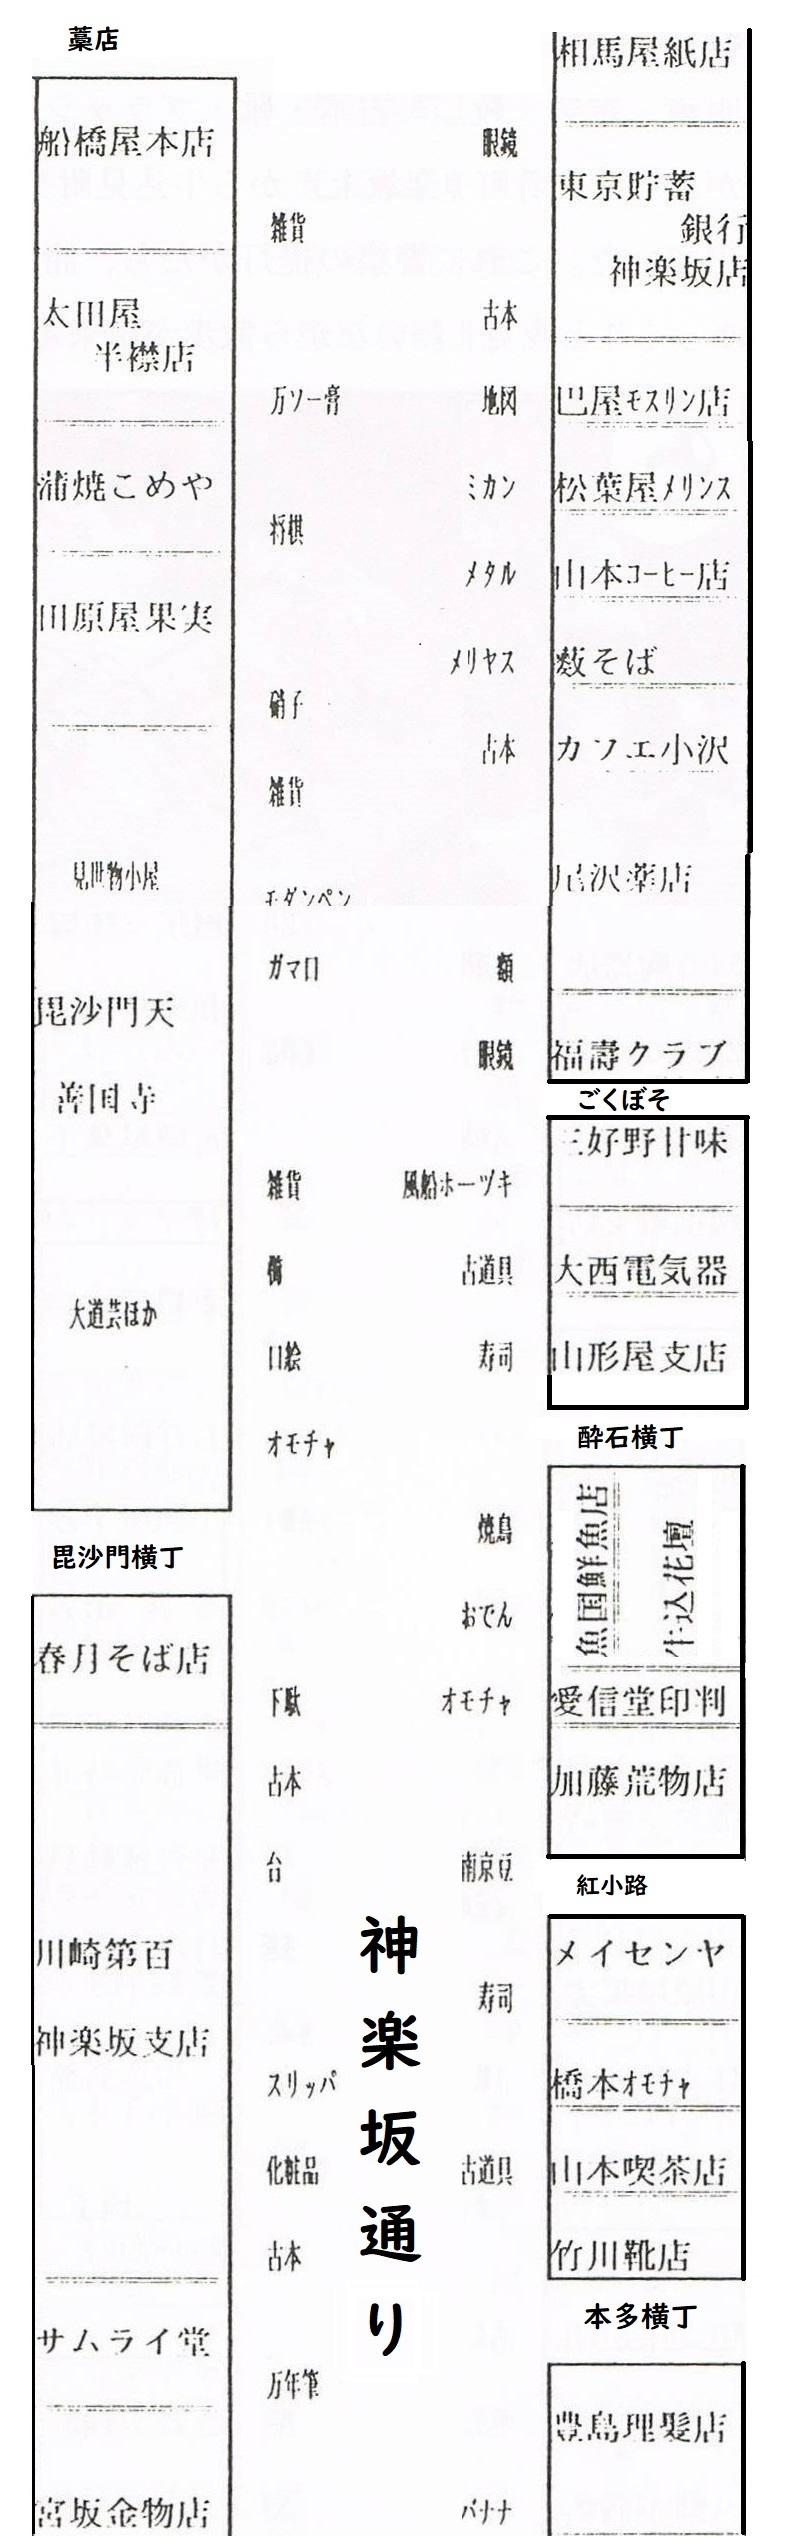 岡崎公一氏の「神楽坂と縁日市」